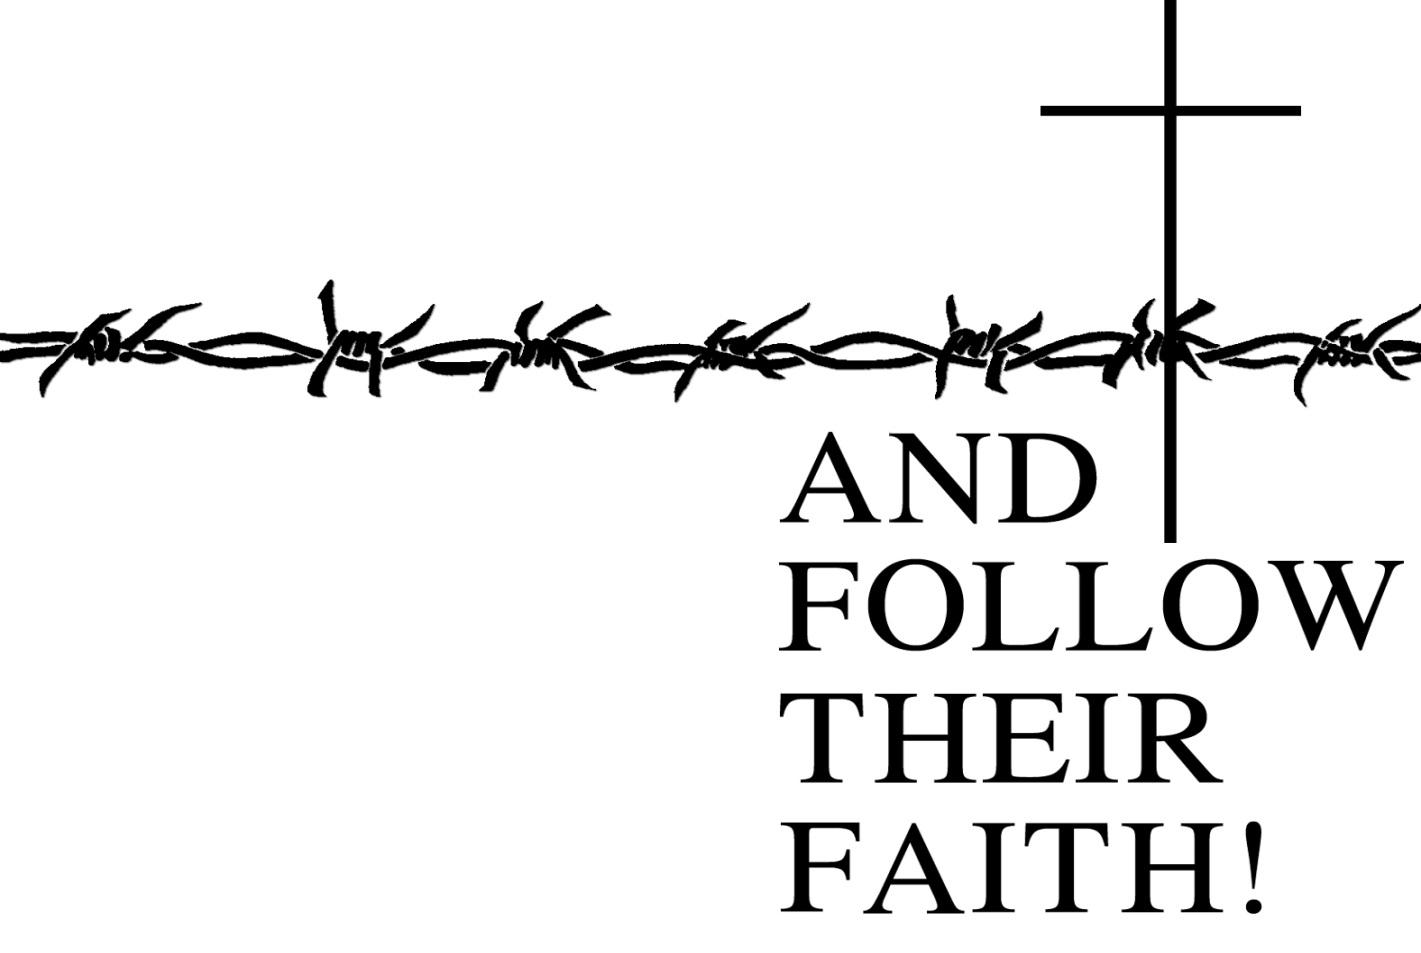 And Follow Their Faith!